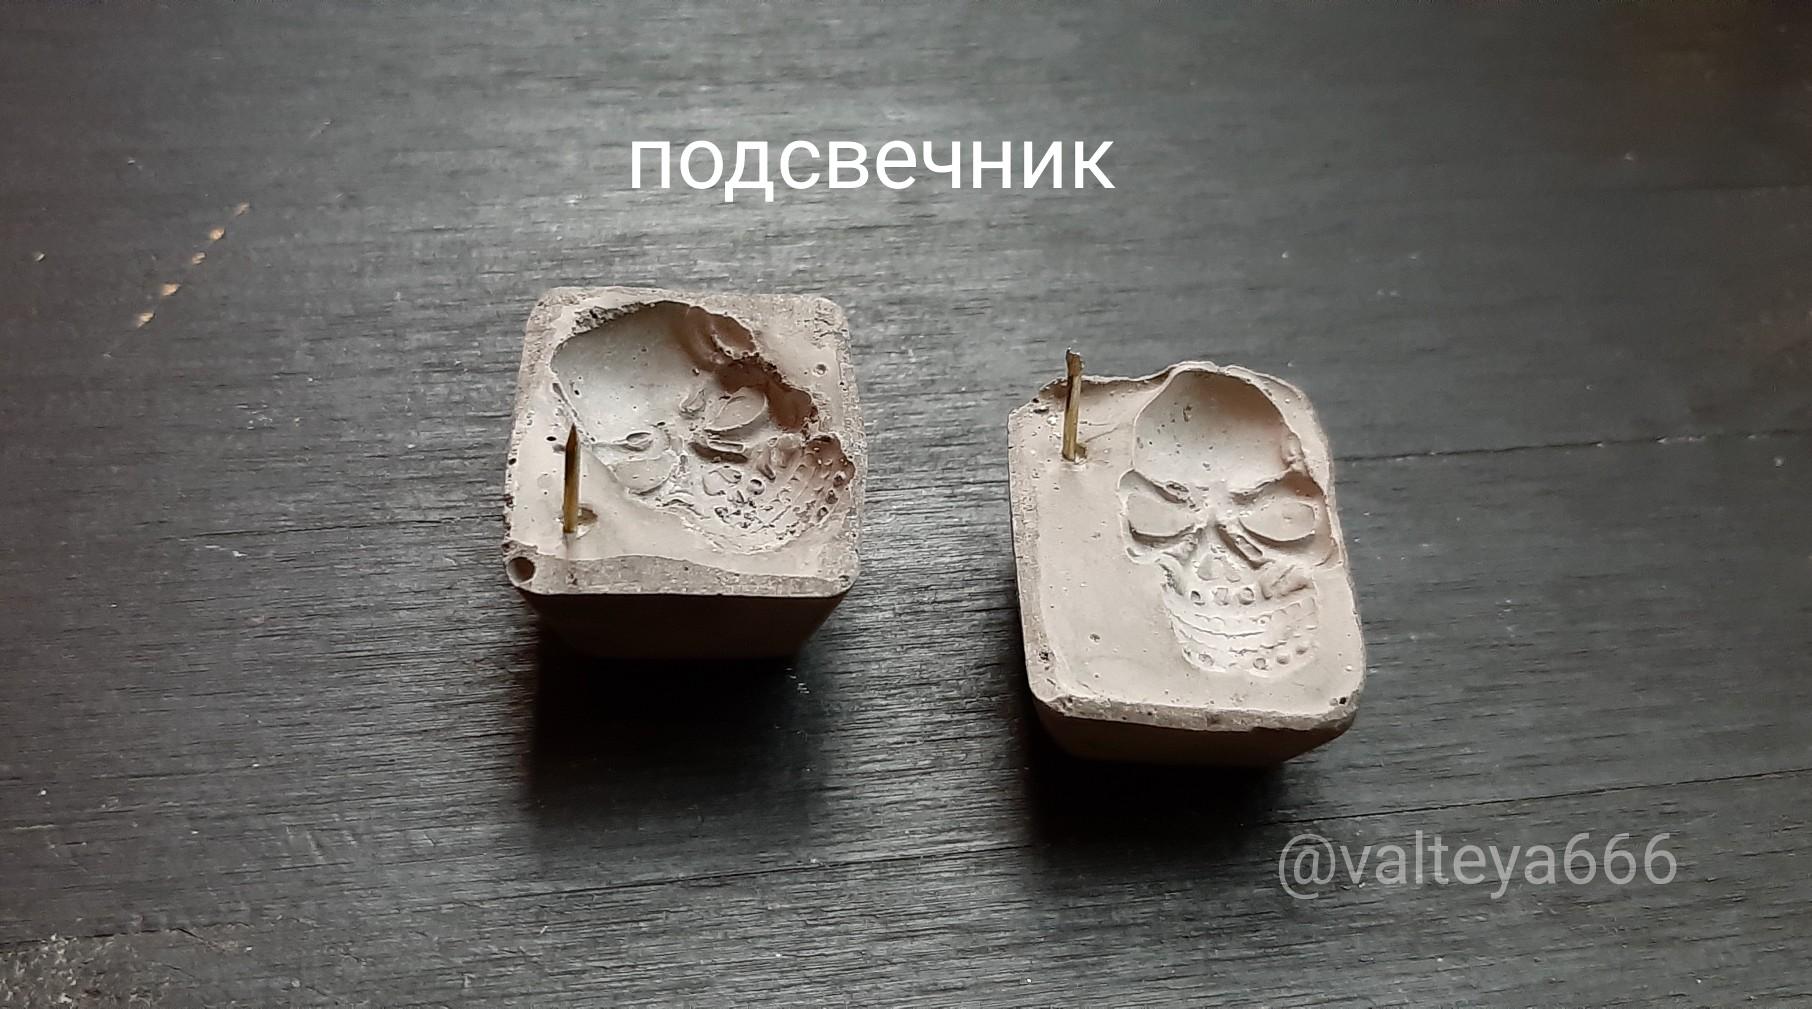 работа - Программные свечи от Елены Руденко. - Страница 14 MharnOogDmw